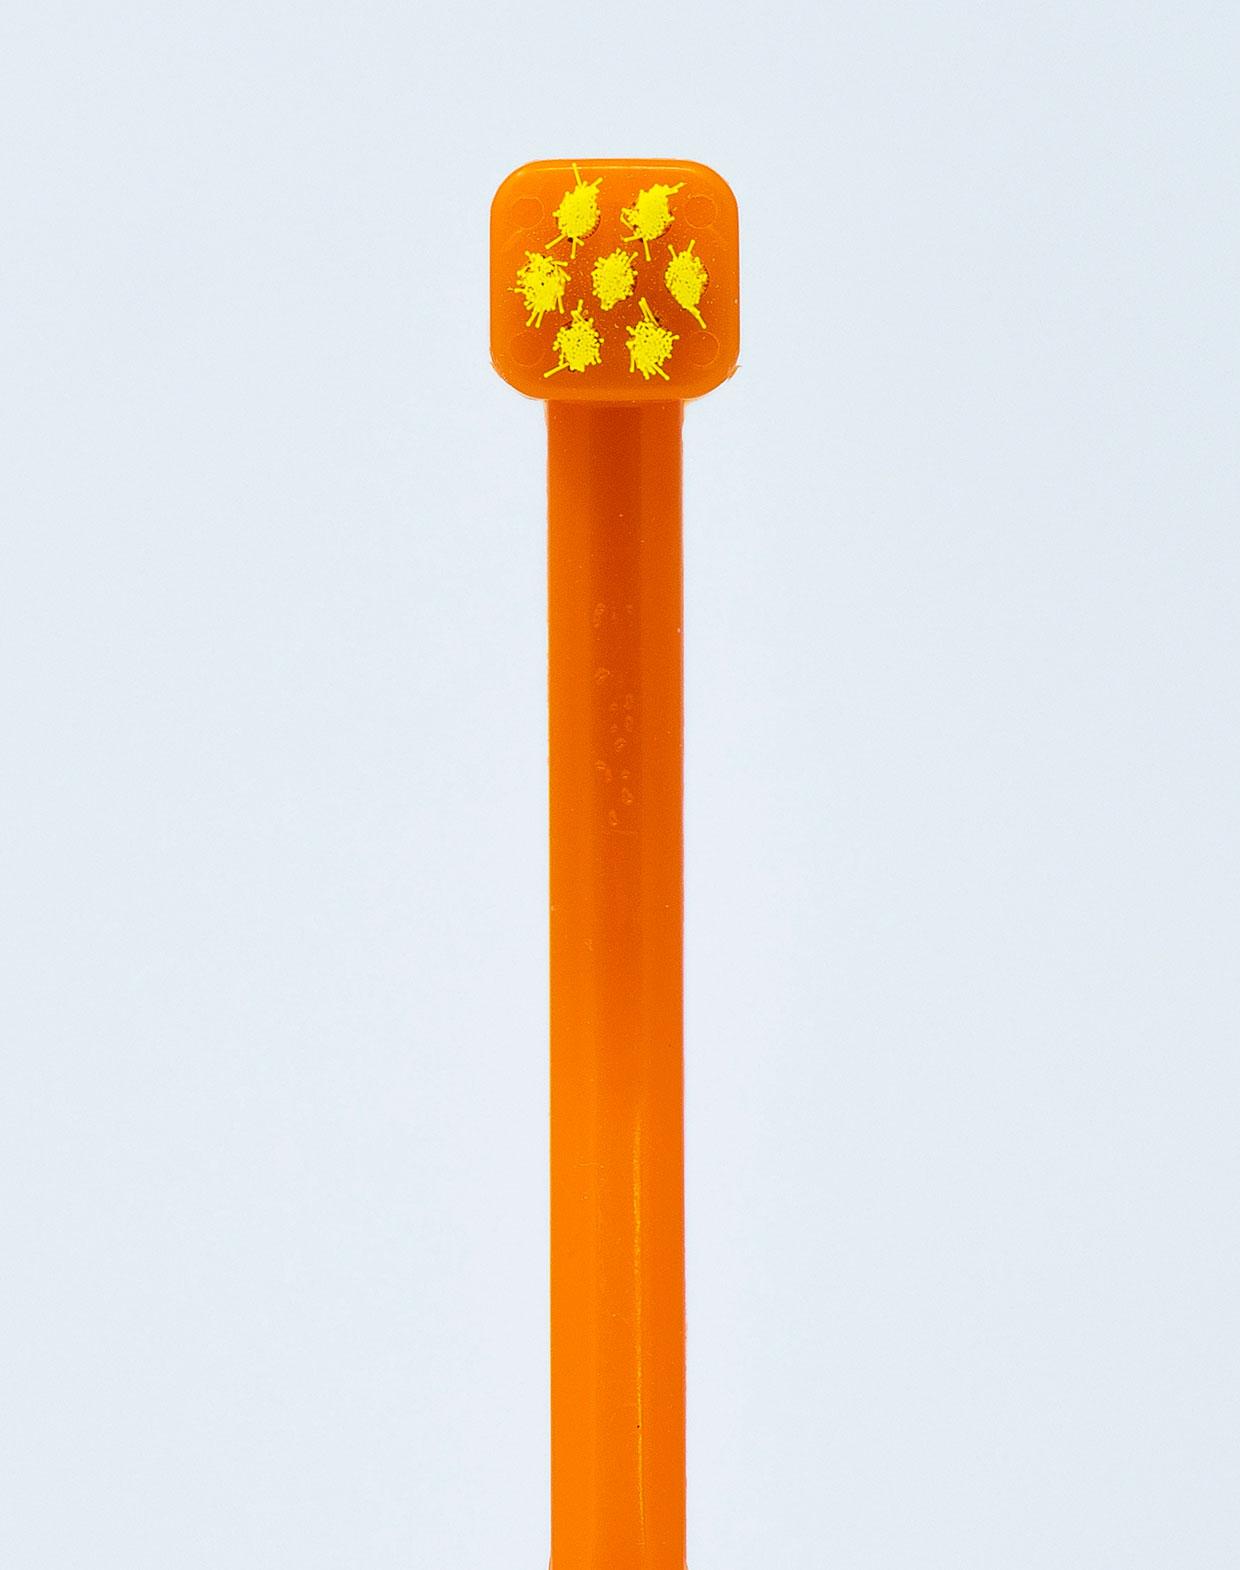 Curaprox Spazzolino Monociuffo CS 708 Implant | Ortho